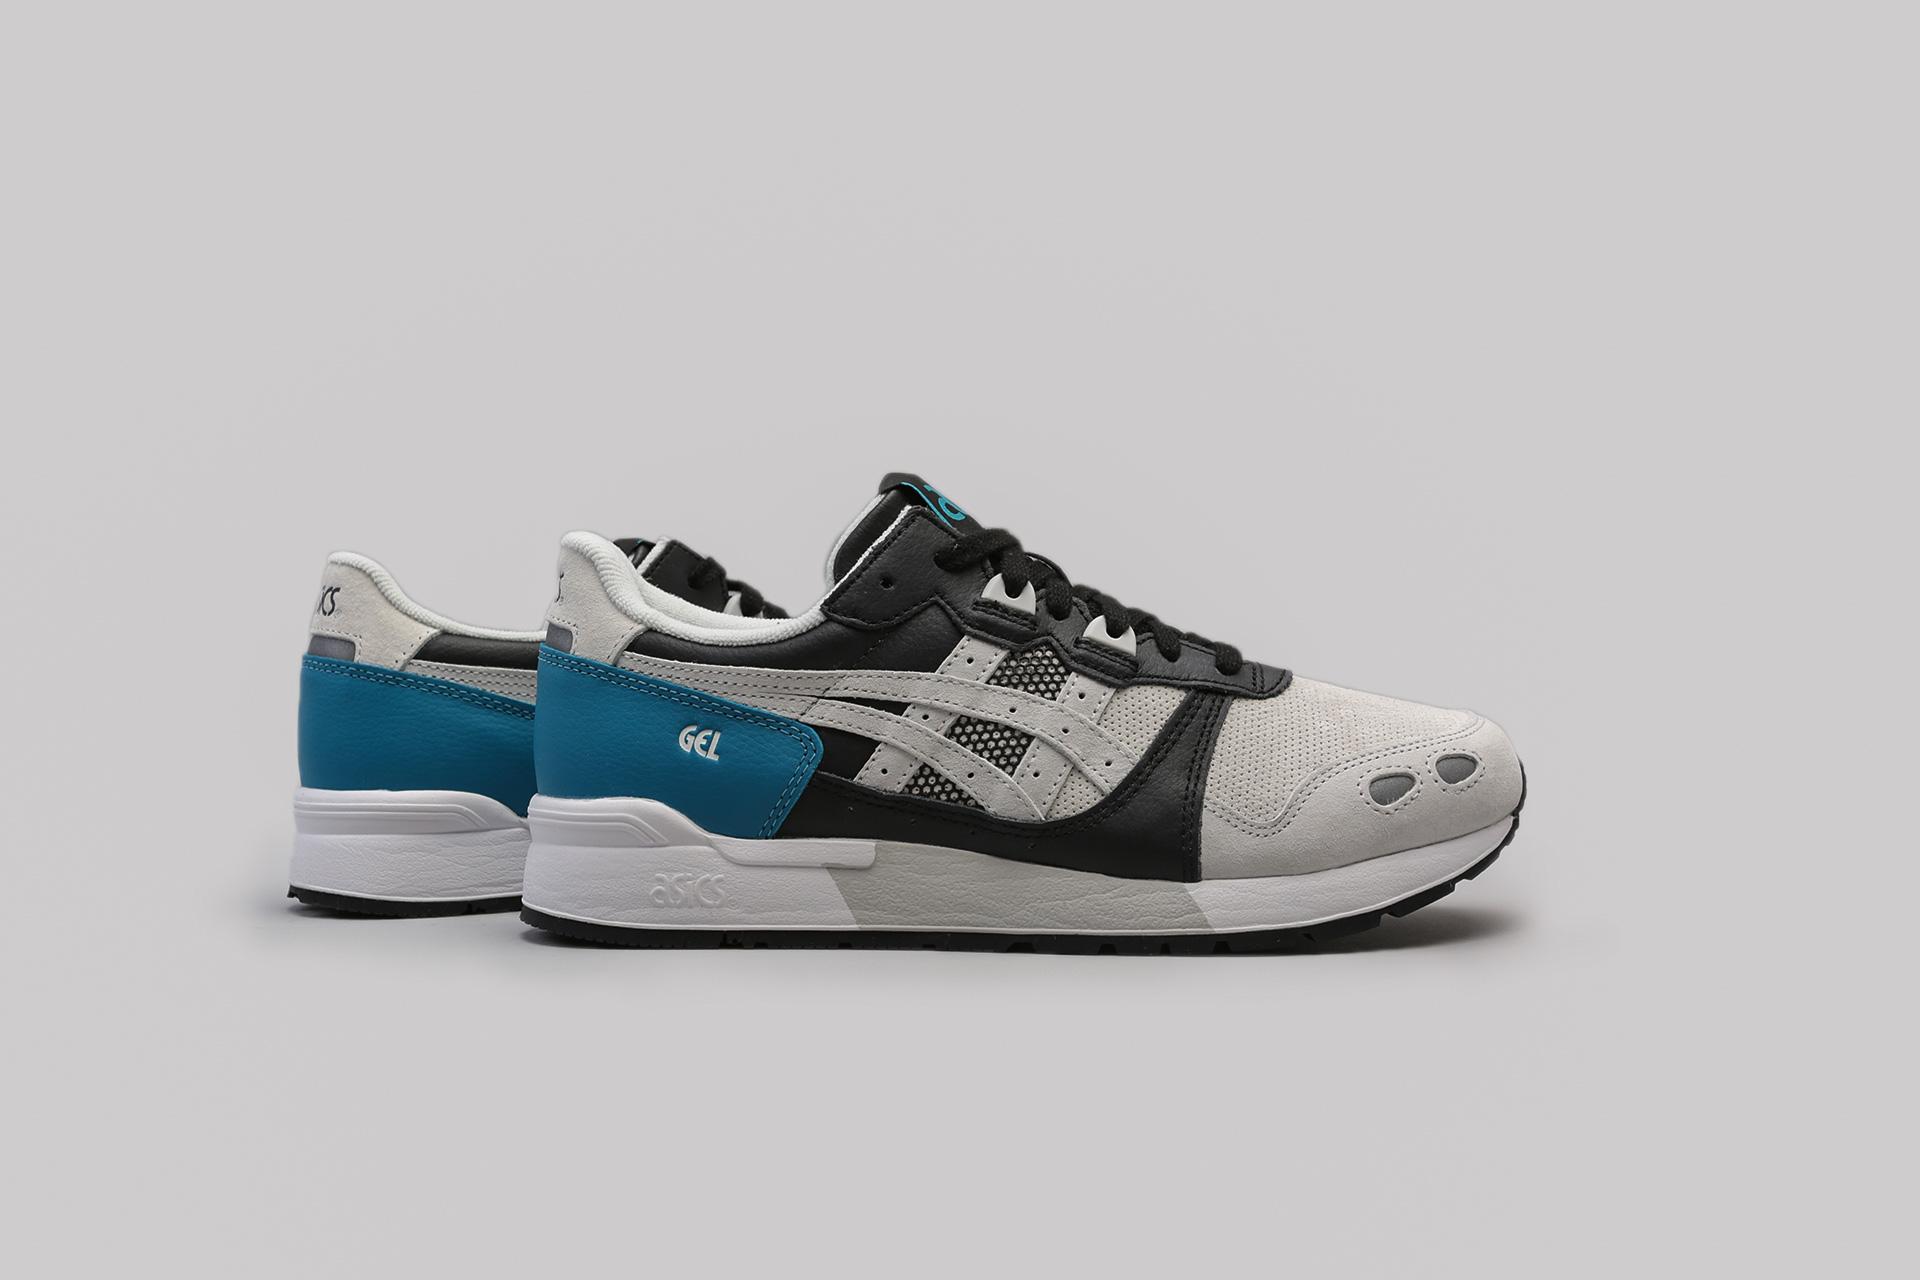 9e6781d4 Купить серые мужские кроссовки Gel-Lyte от ASICS (1191A023-401) по ...